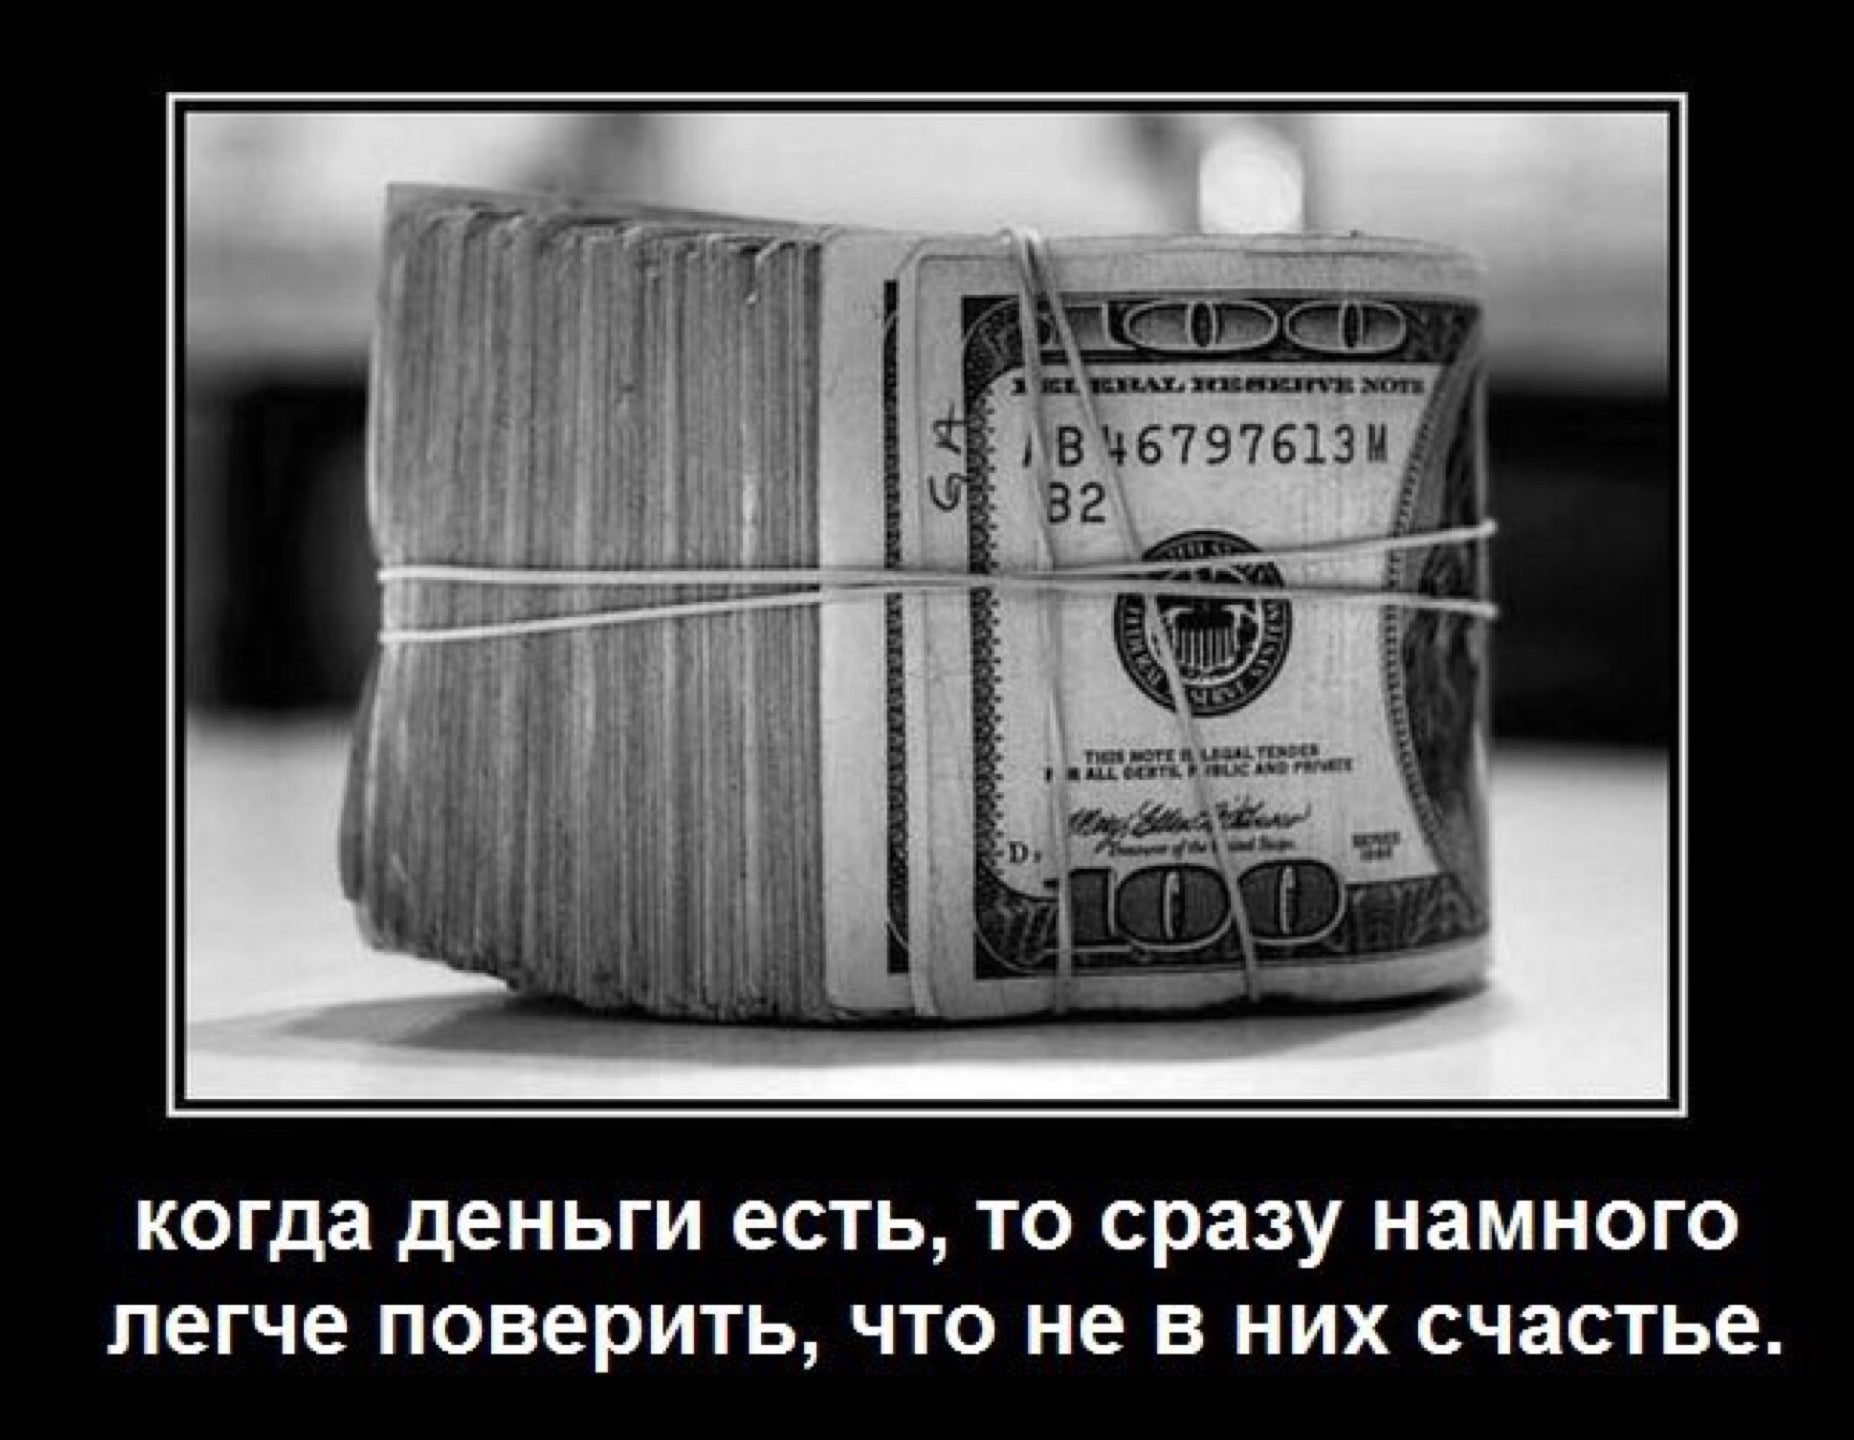 Картинки красного кошелька с деньгами зрителей считает